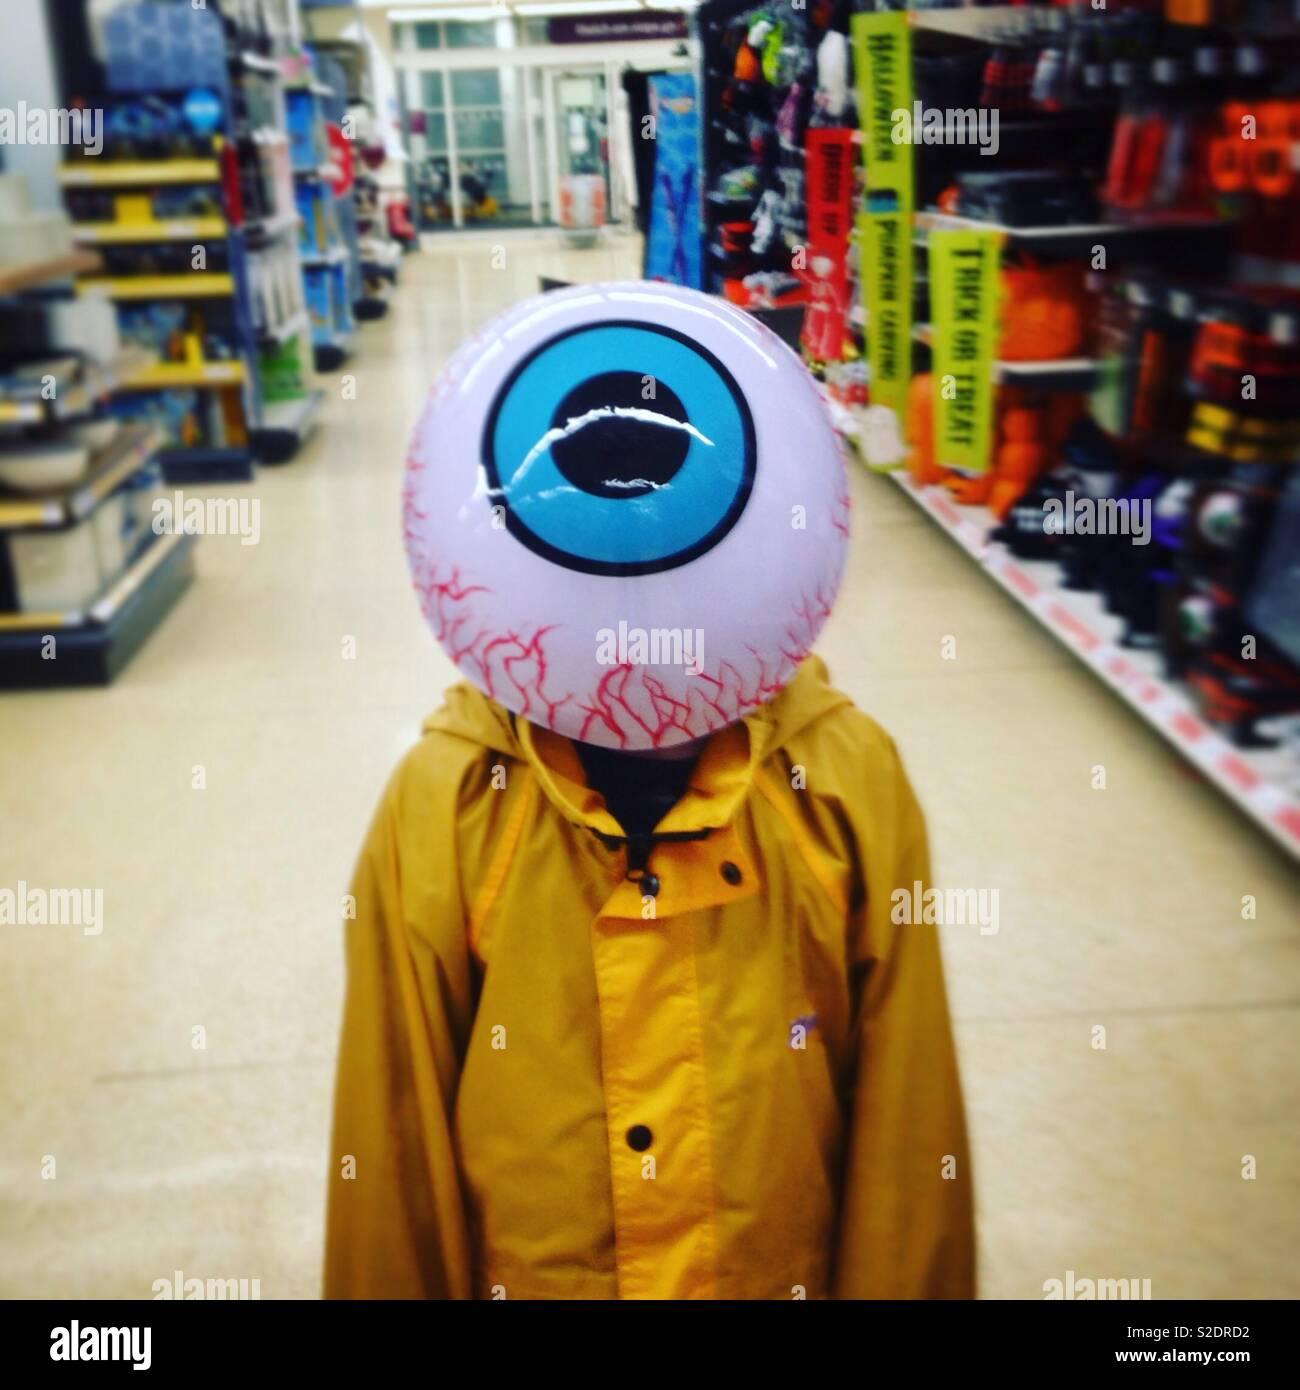 Eu estou observando você - shopping para Halloween Imagens de Stock